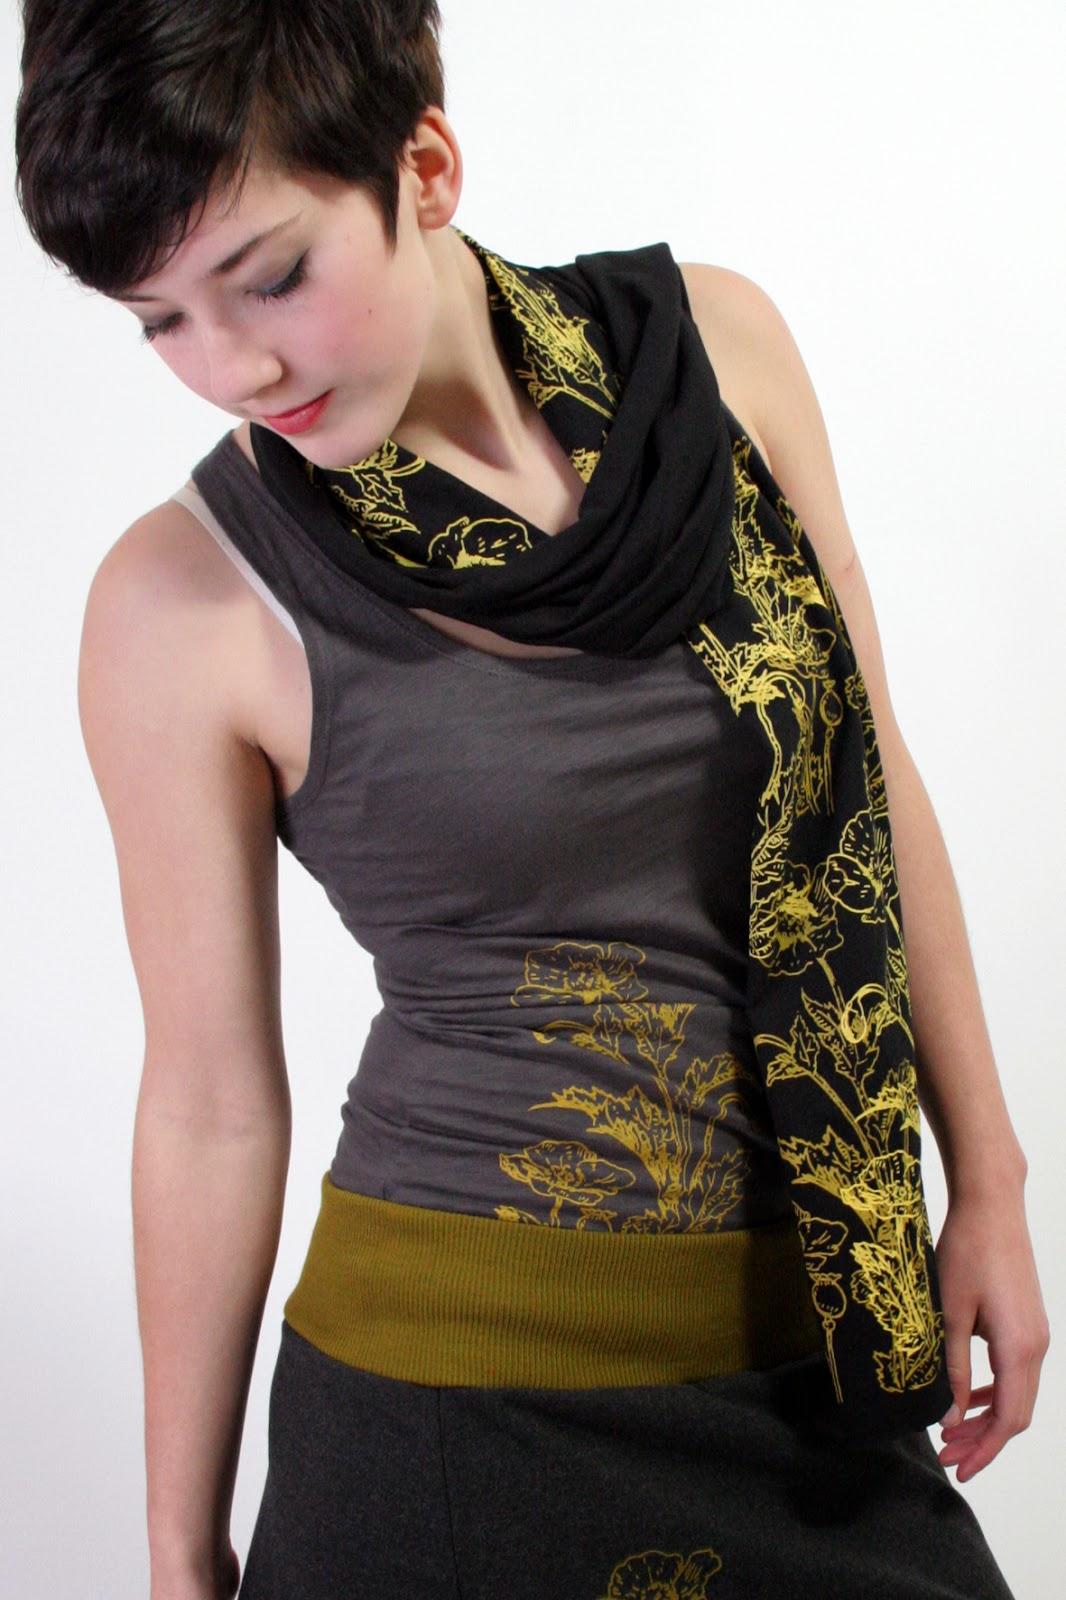 schöner bedruckter schwarzer Schal